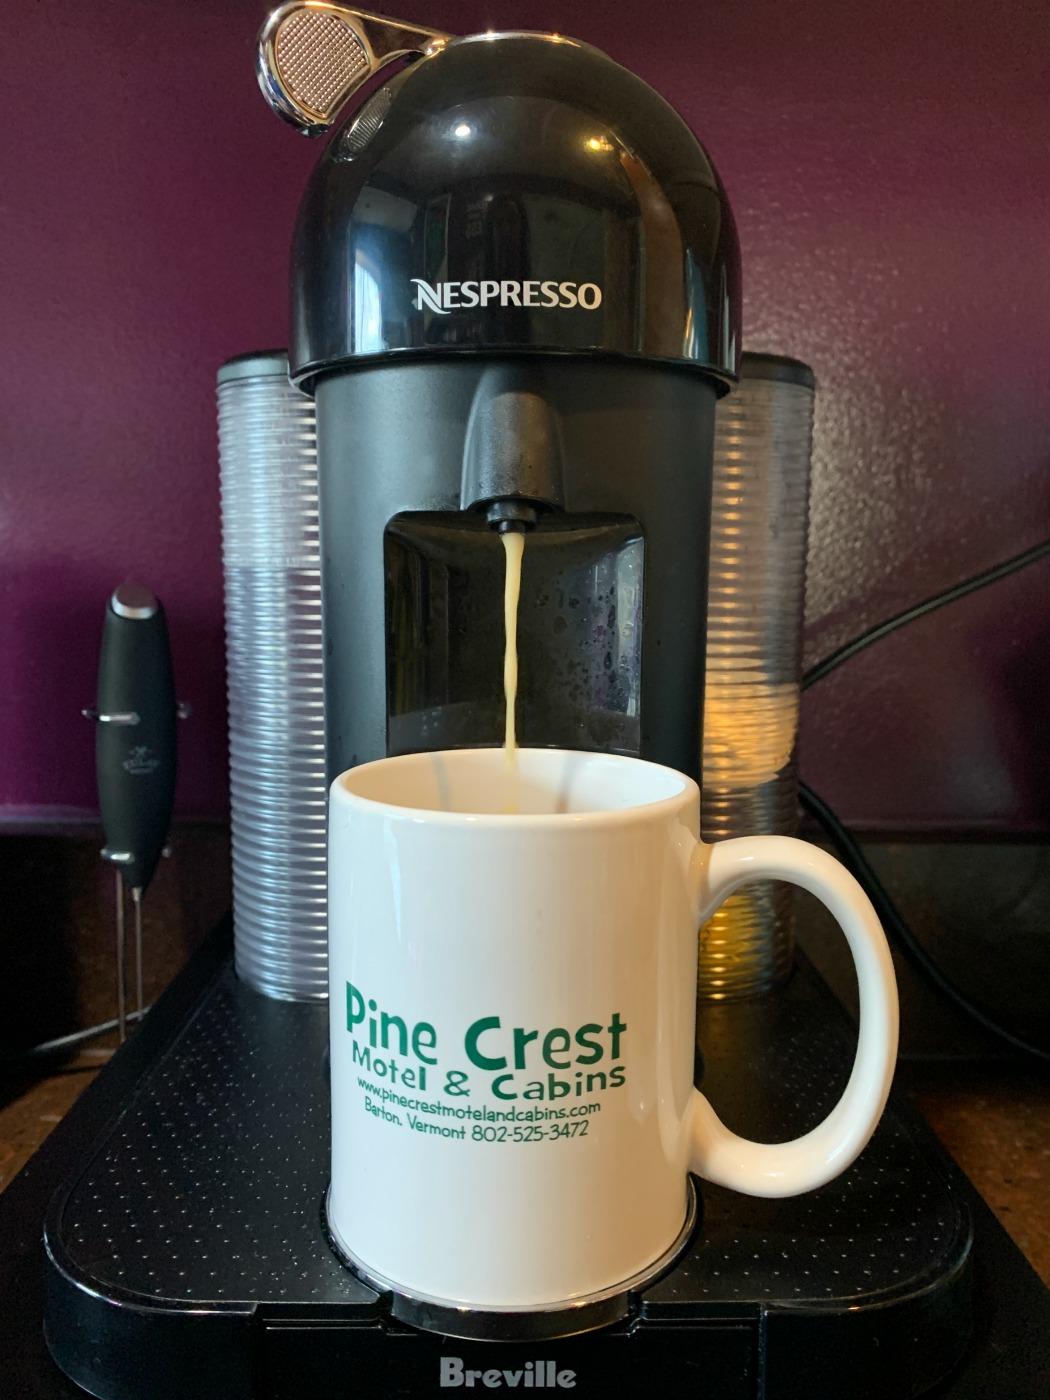 breville nespresso machine review